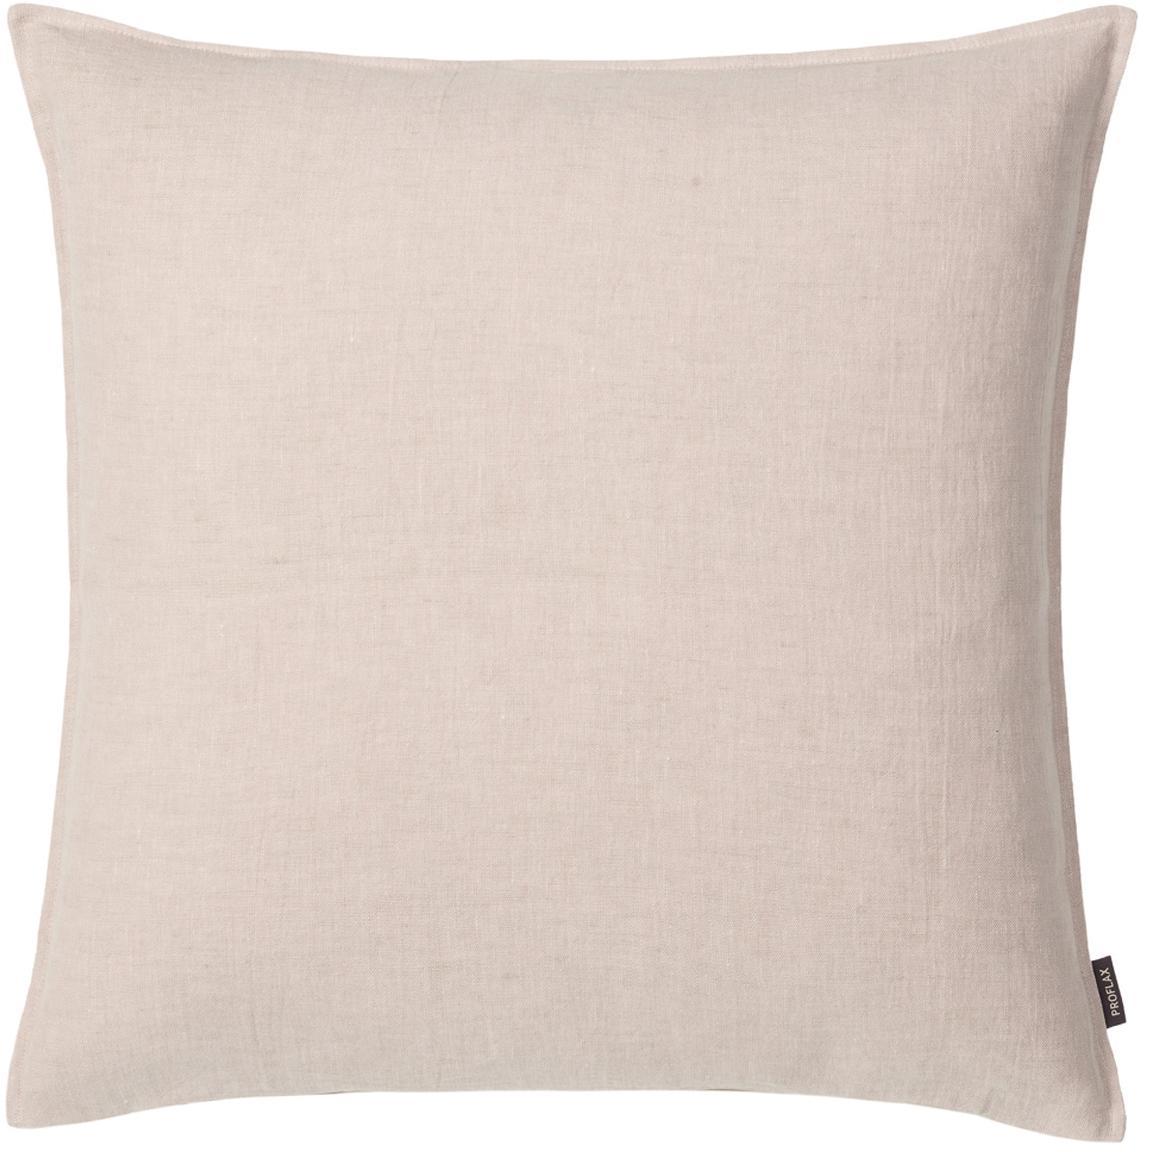 Federa arredo in lino lavato beige Sven, Lino, Beige, Larg. 40 x Lung. 40 cm